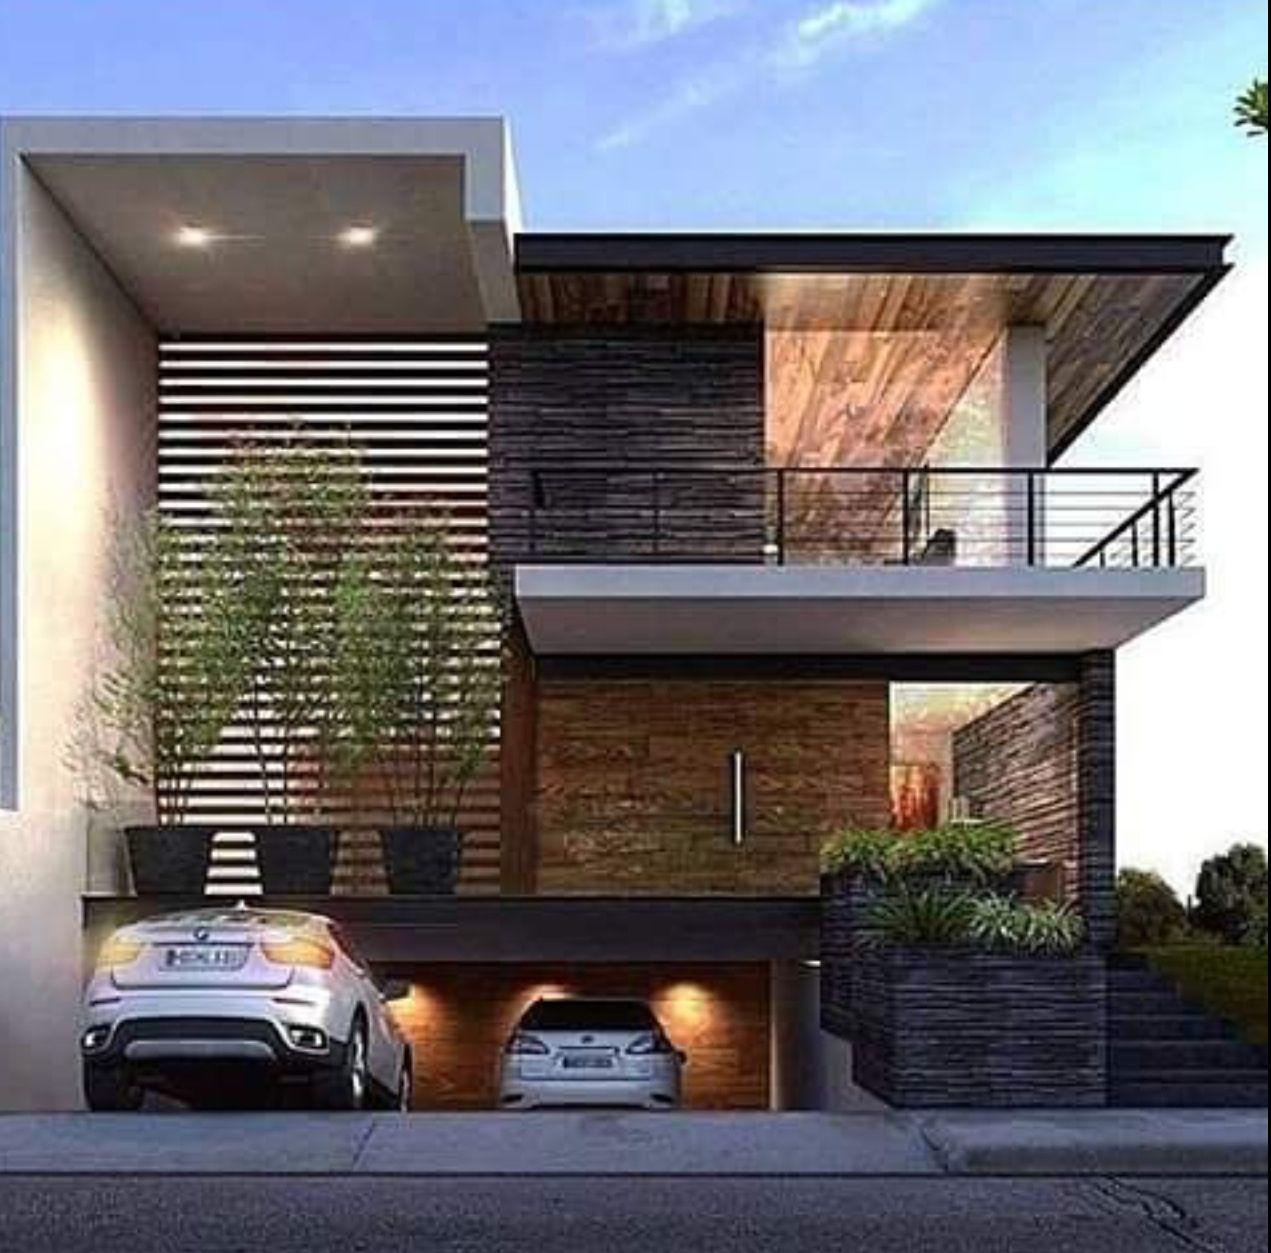 Wohnanlage Eicheleweg Hard - Juri Troy Architects | Veranda ... Balkongelander Ideen Material Design